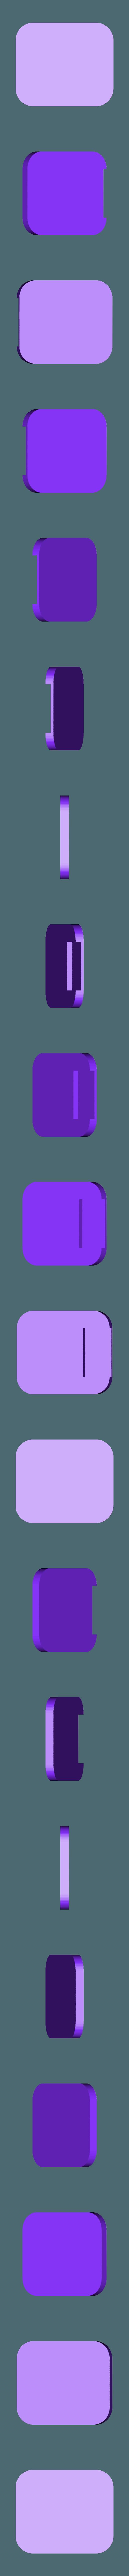 bottom.stl Télécharger fichier STL gratuit Recyclage des bouteilles de lait Former le vide des bouteilles de lait • Modèle pour imprimante 3D, TinkersProjects